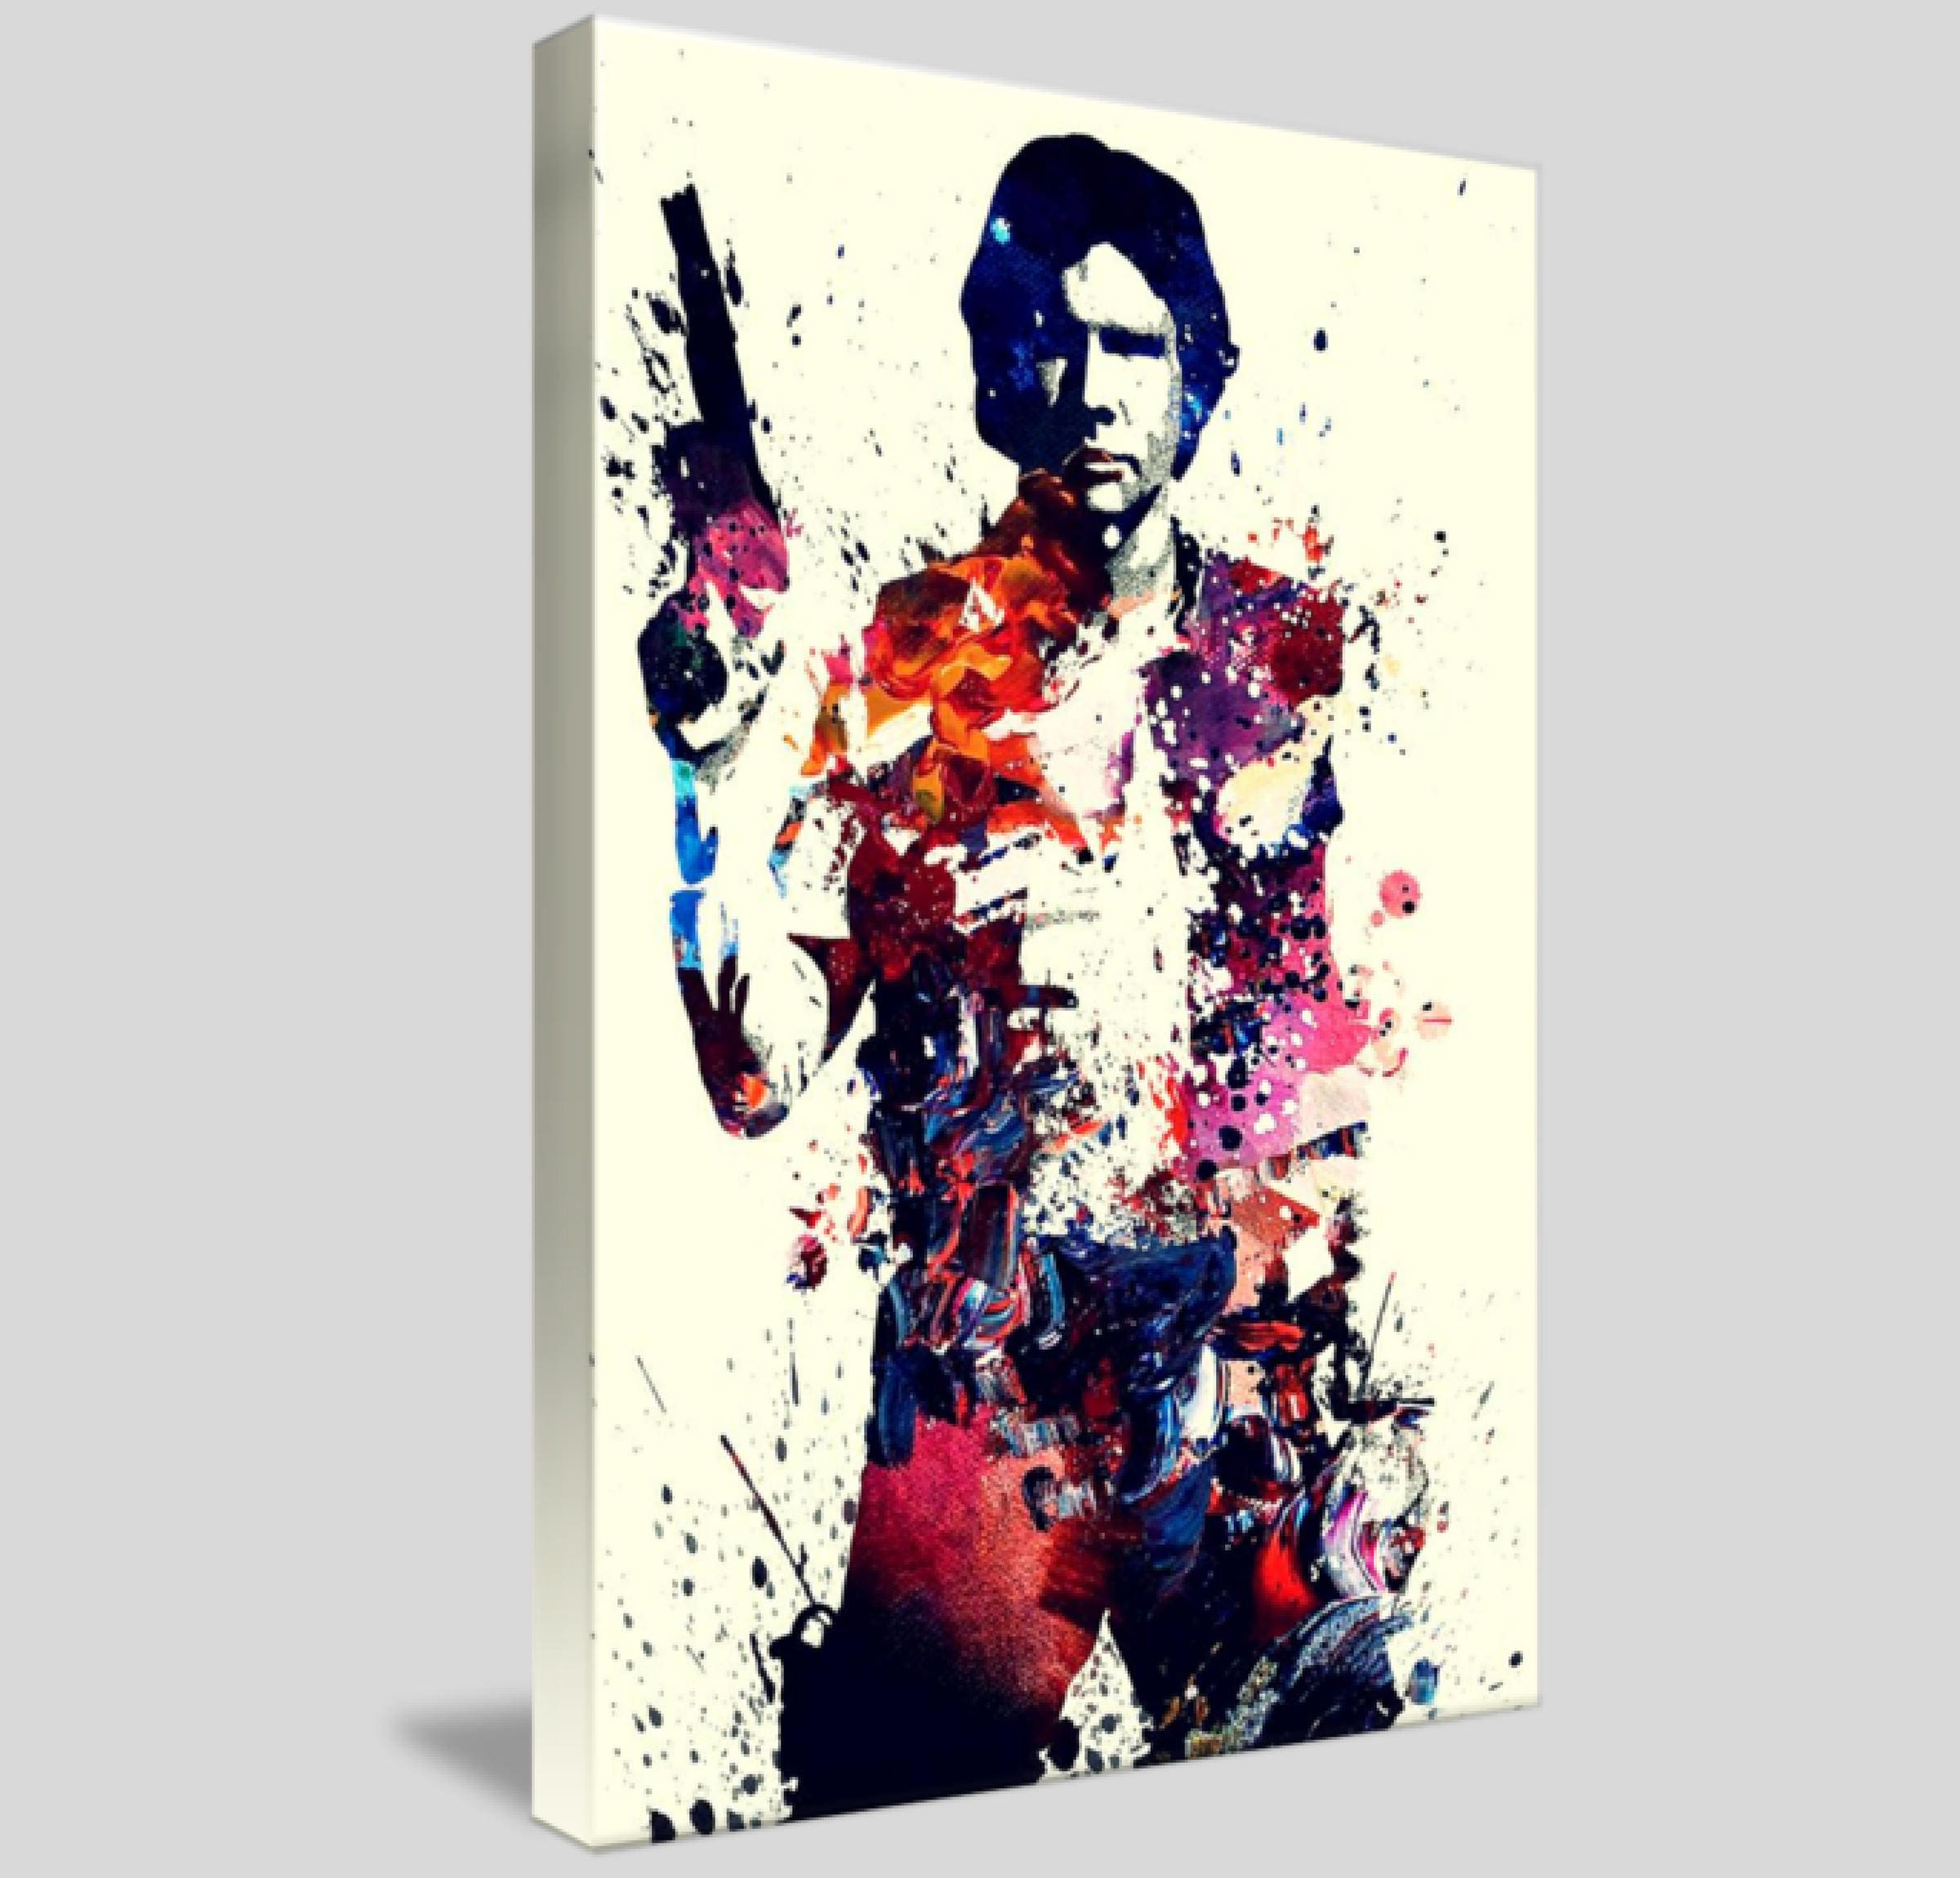 Charmant Gerahmte Star Wars Plakat Bilder - Benutzerdefinierte ...